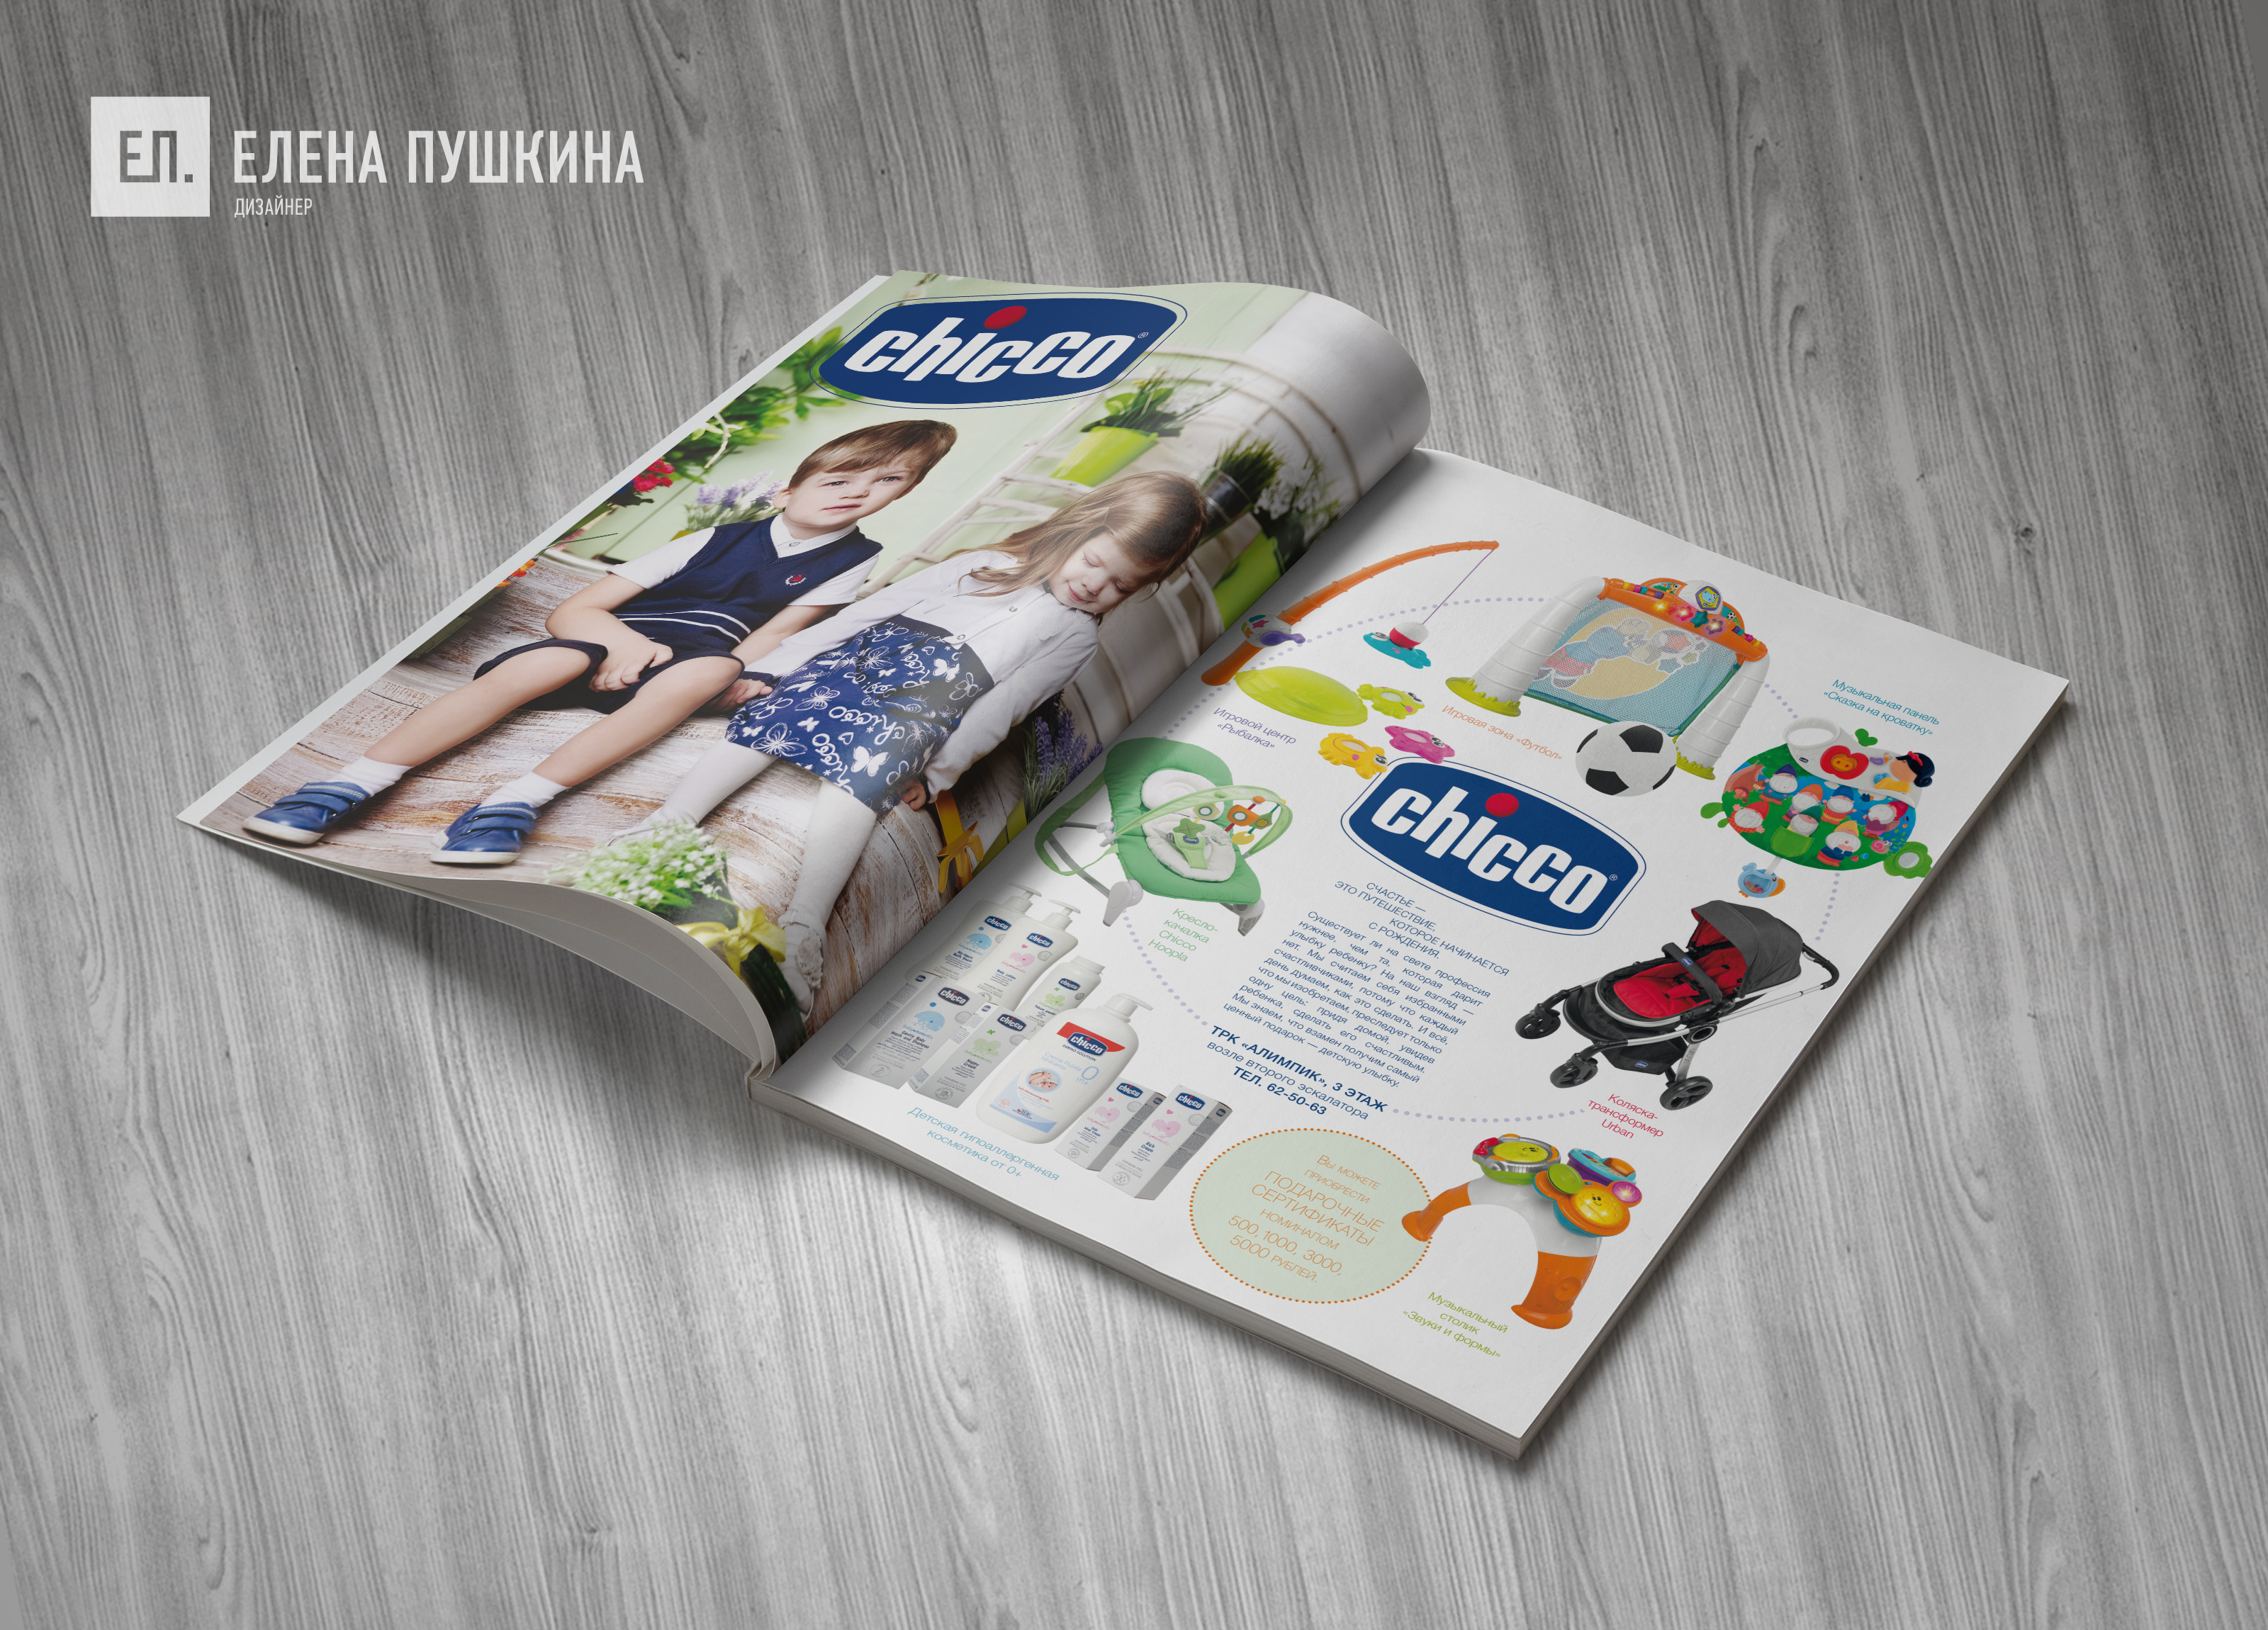 Дизайн рекламного макета вжурнал длябренда «CHICCO» Дизайн листовок Портфолио